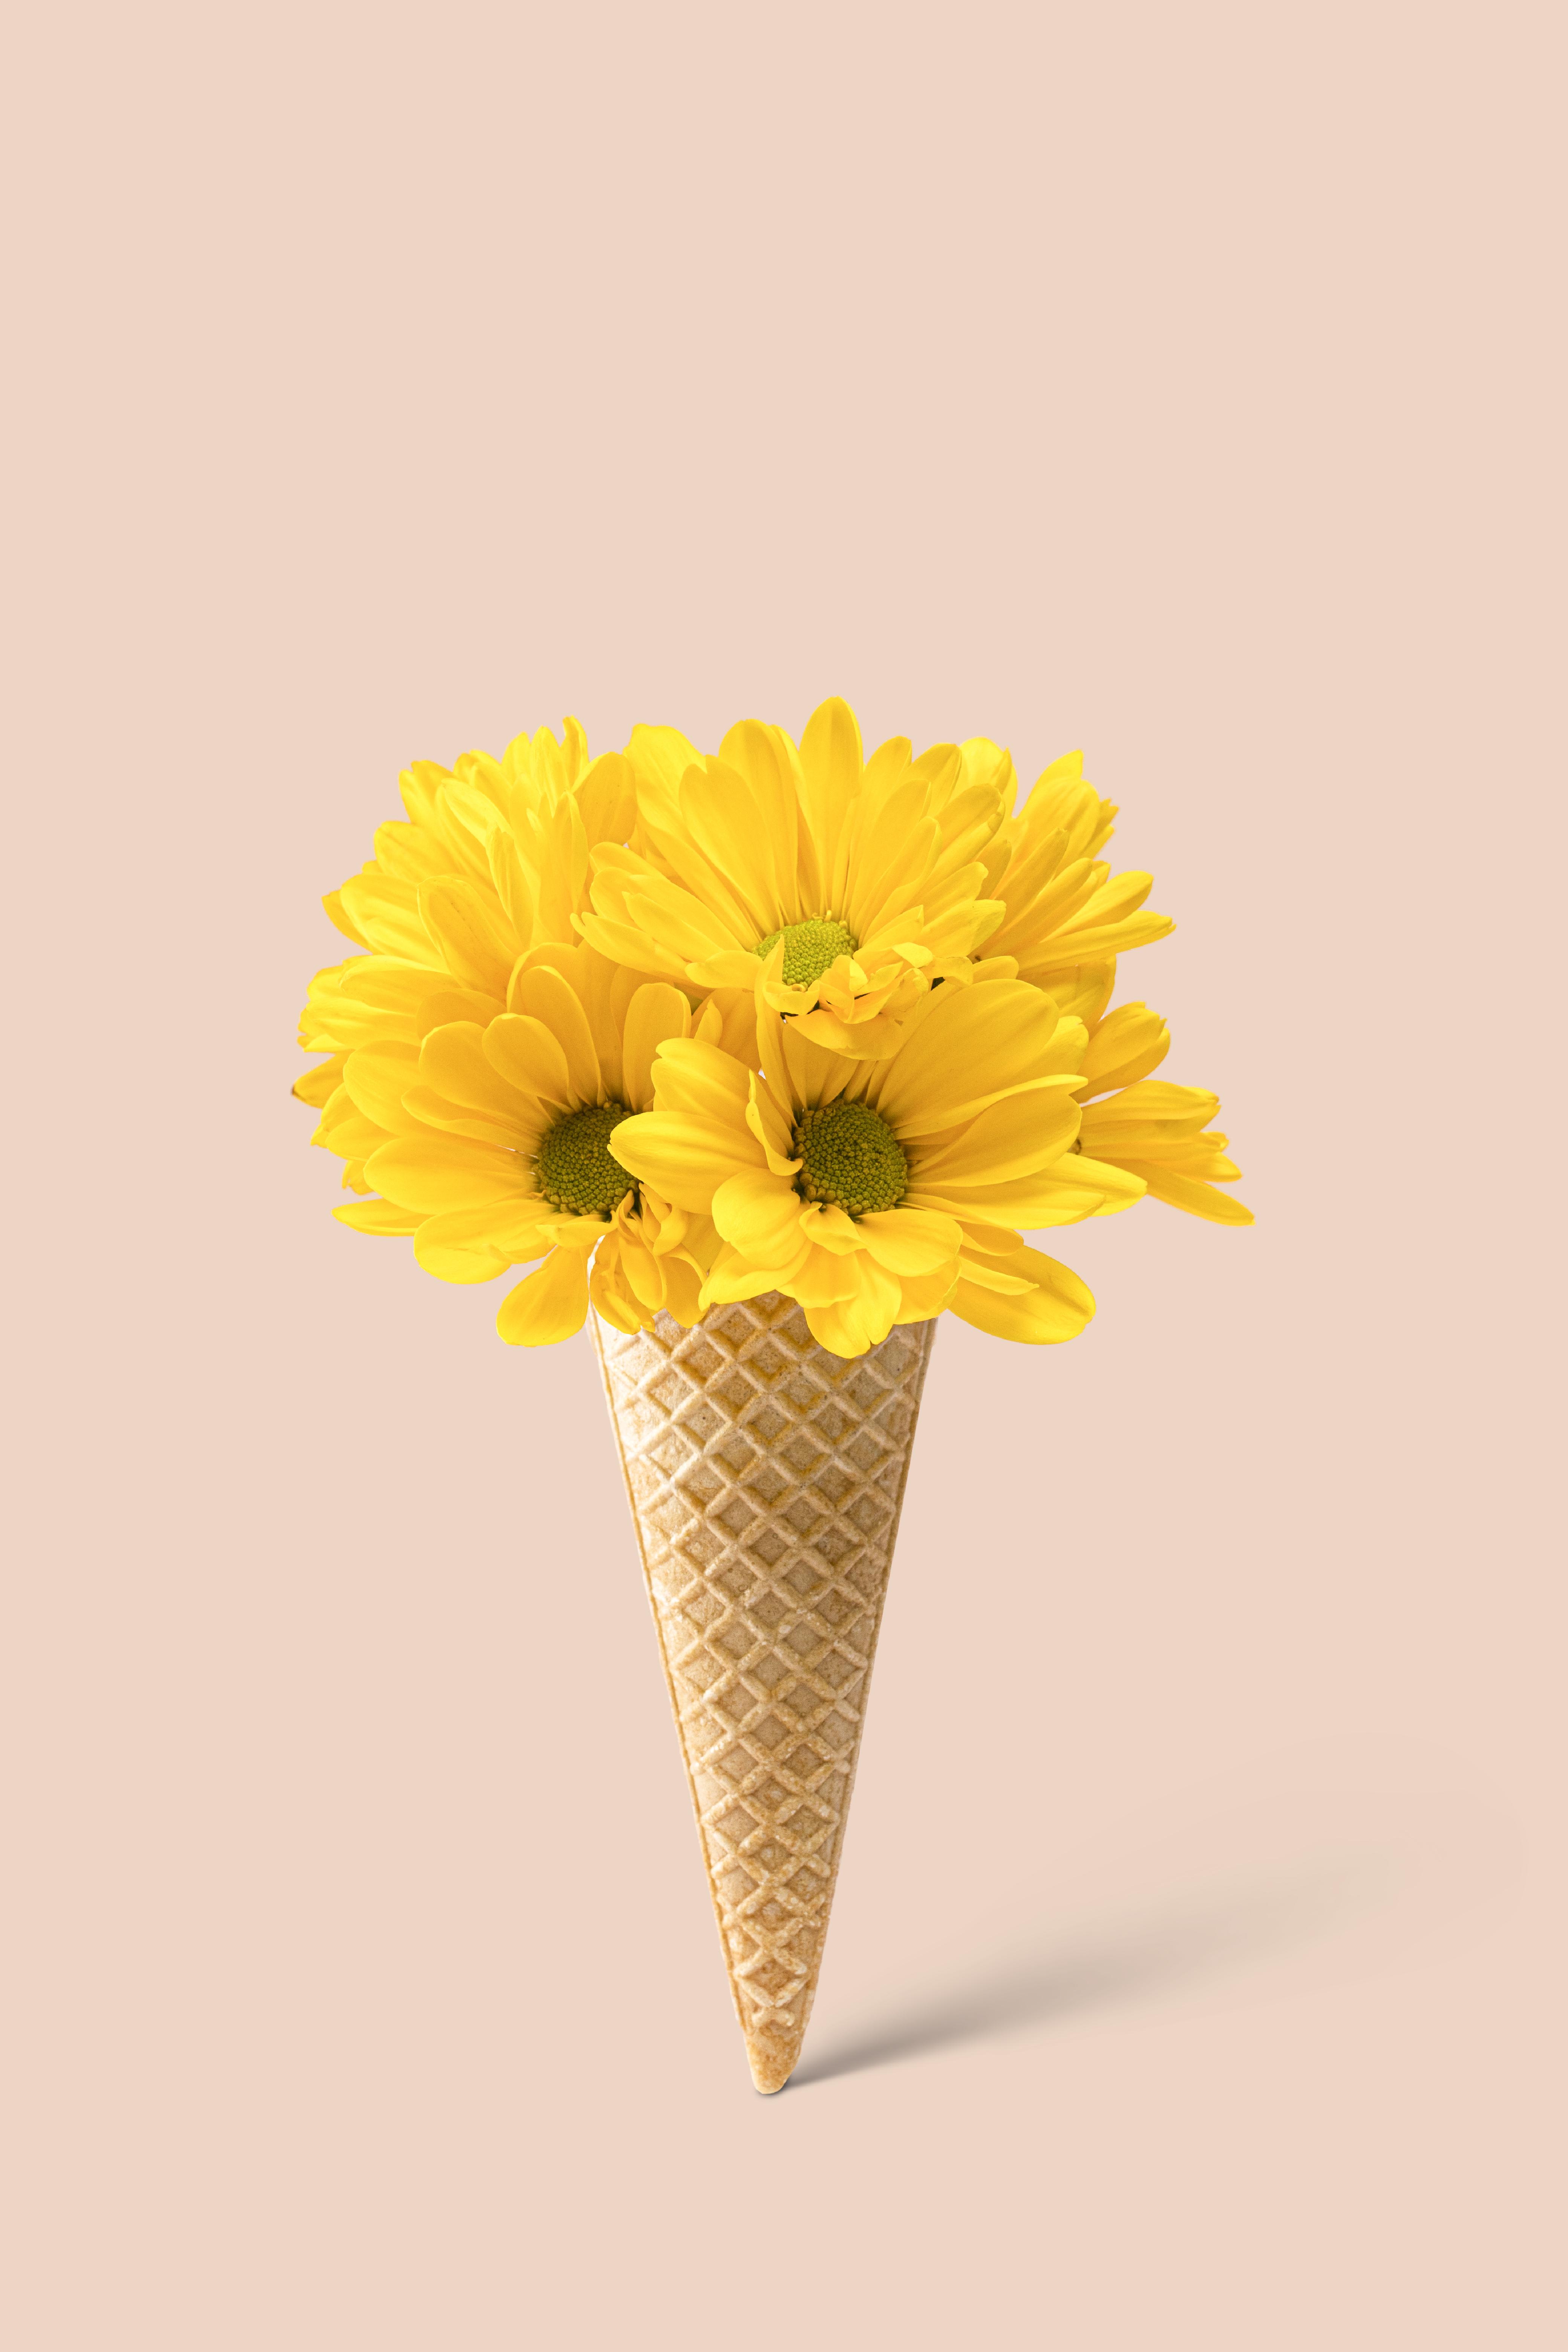 Ice Cream Flower Flavor Cones